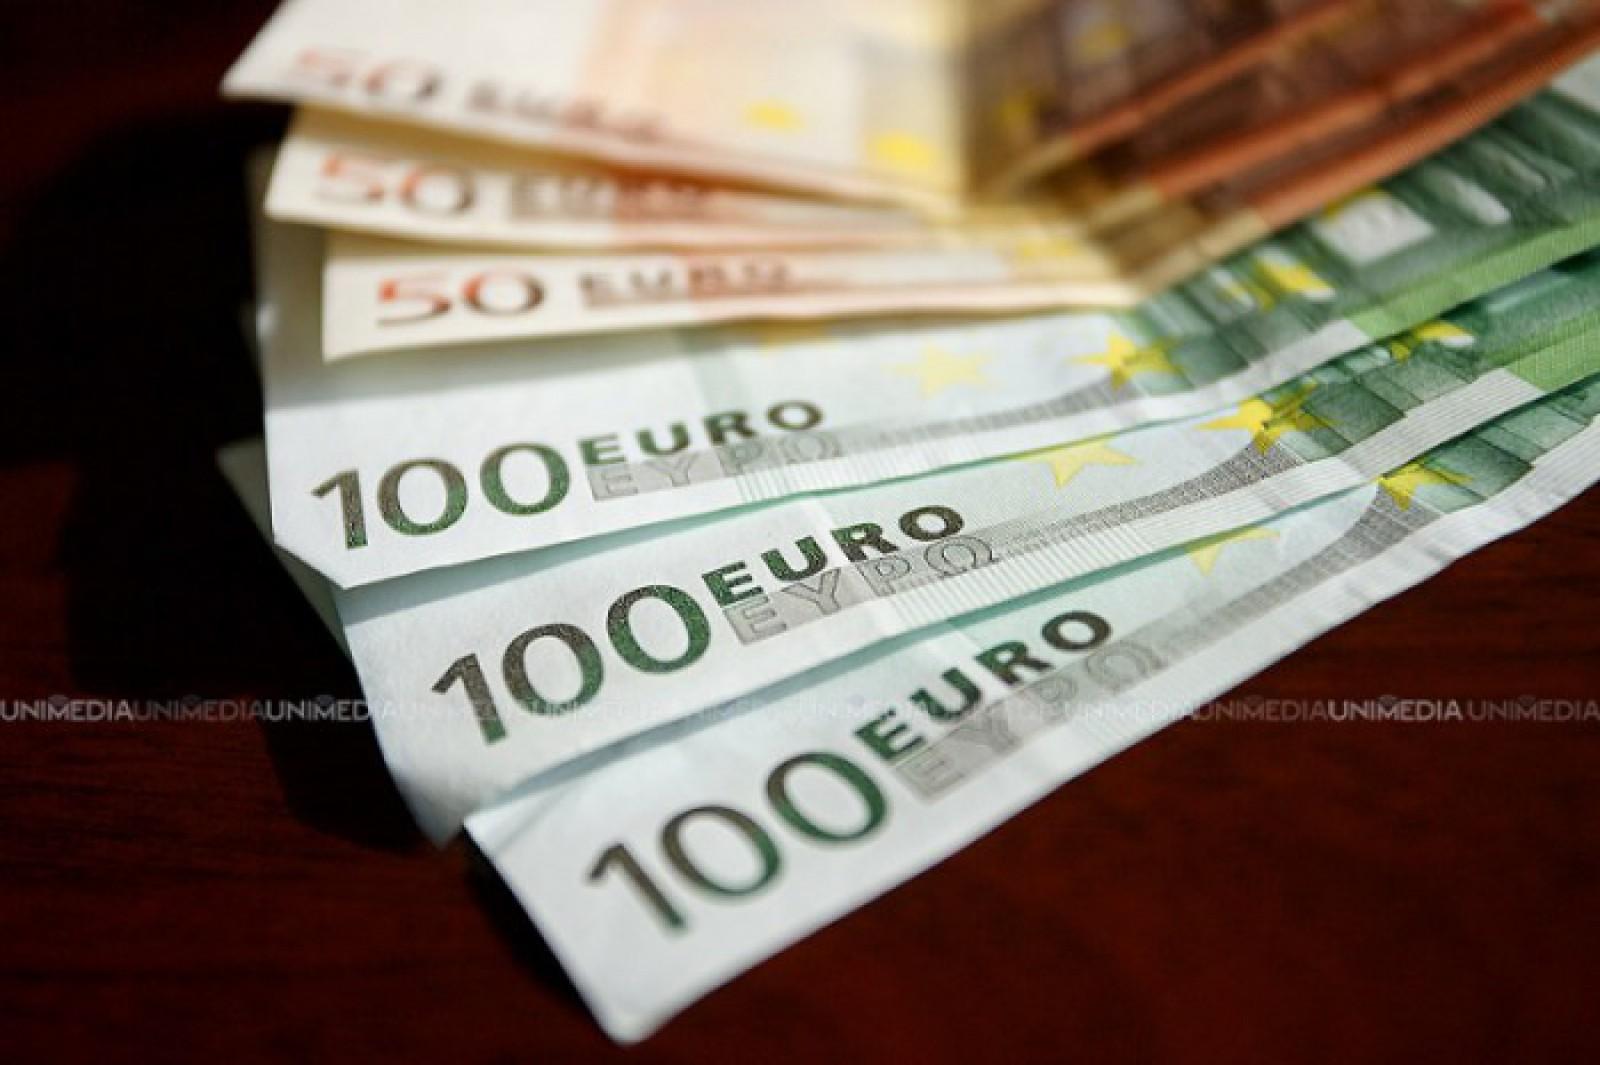 Curs valutar: Leul moldovenesc, în apreciere față de euro cu 7 bani